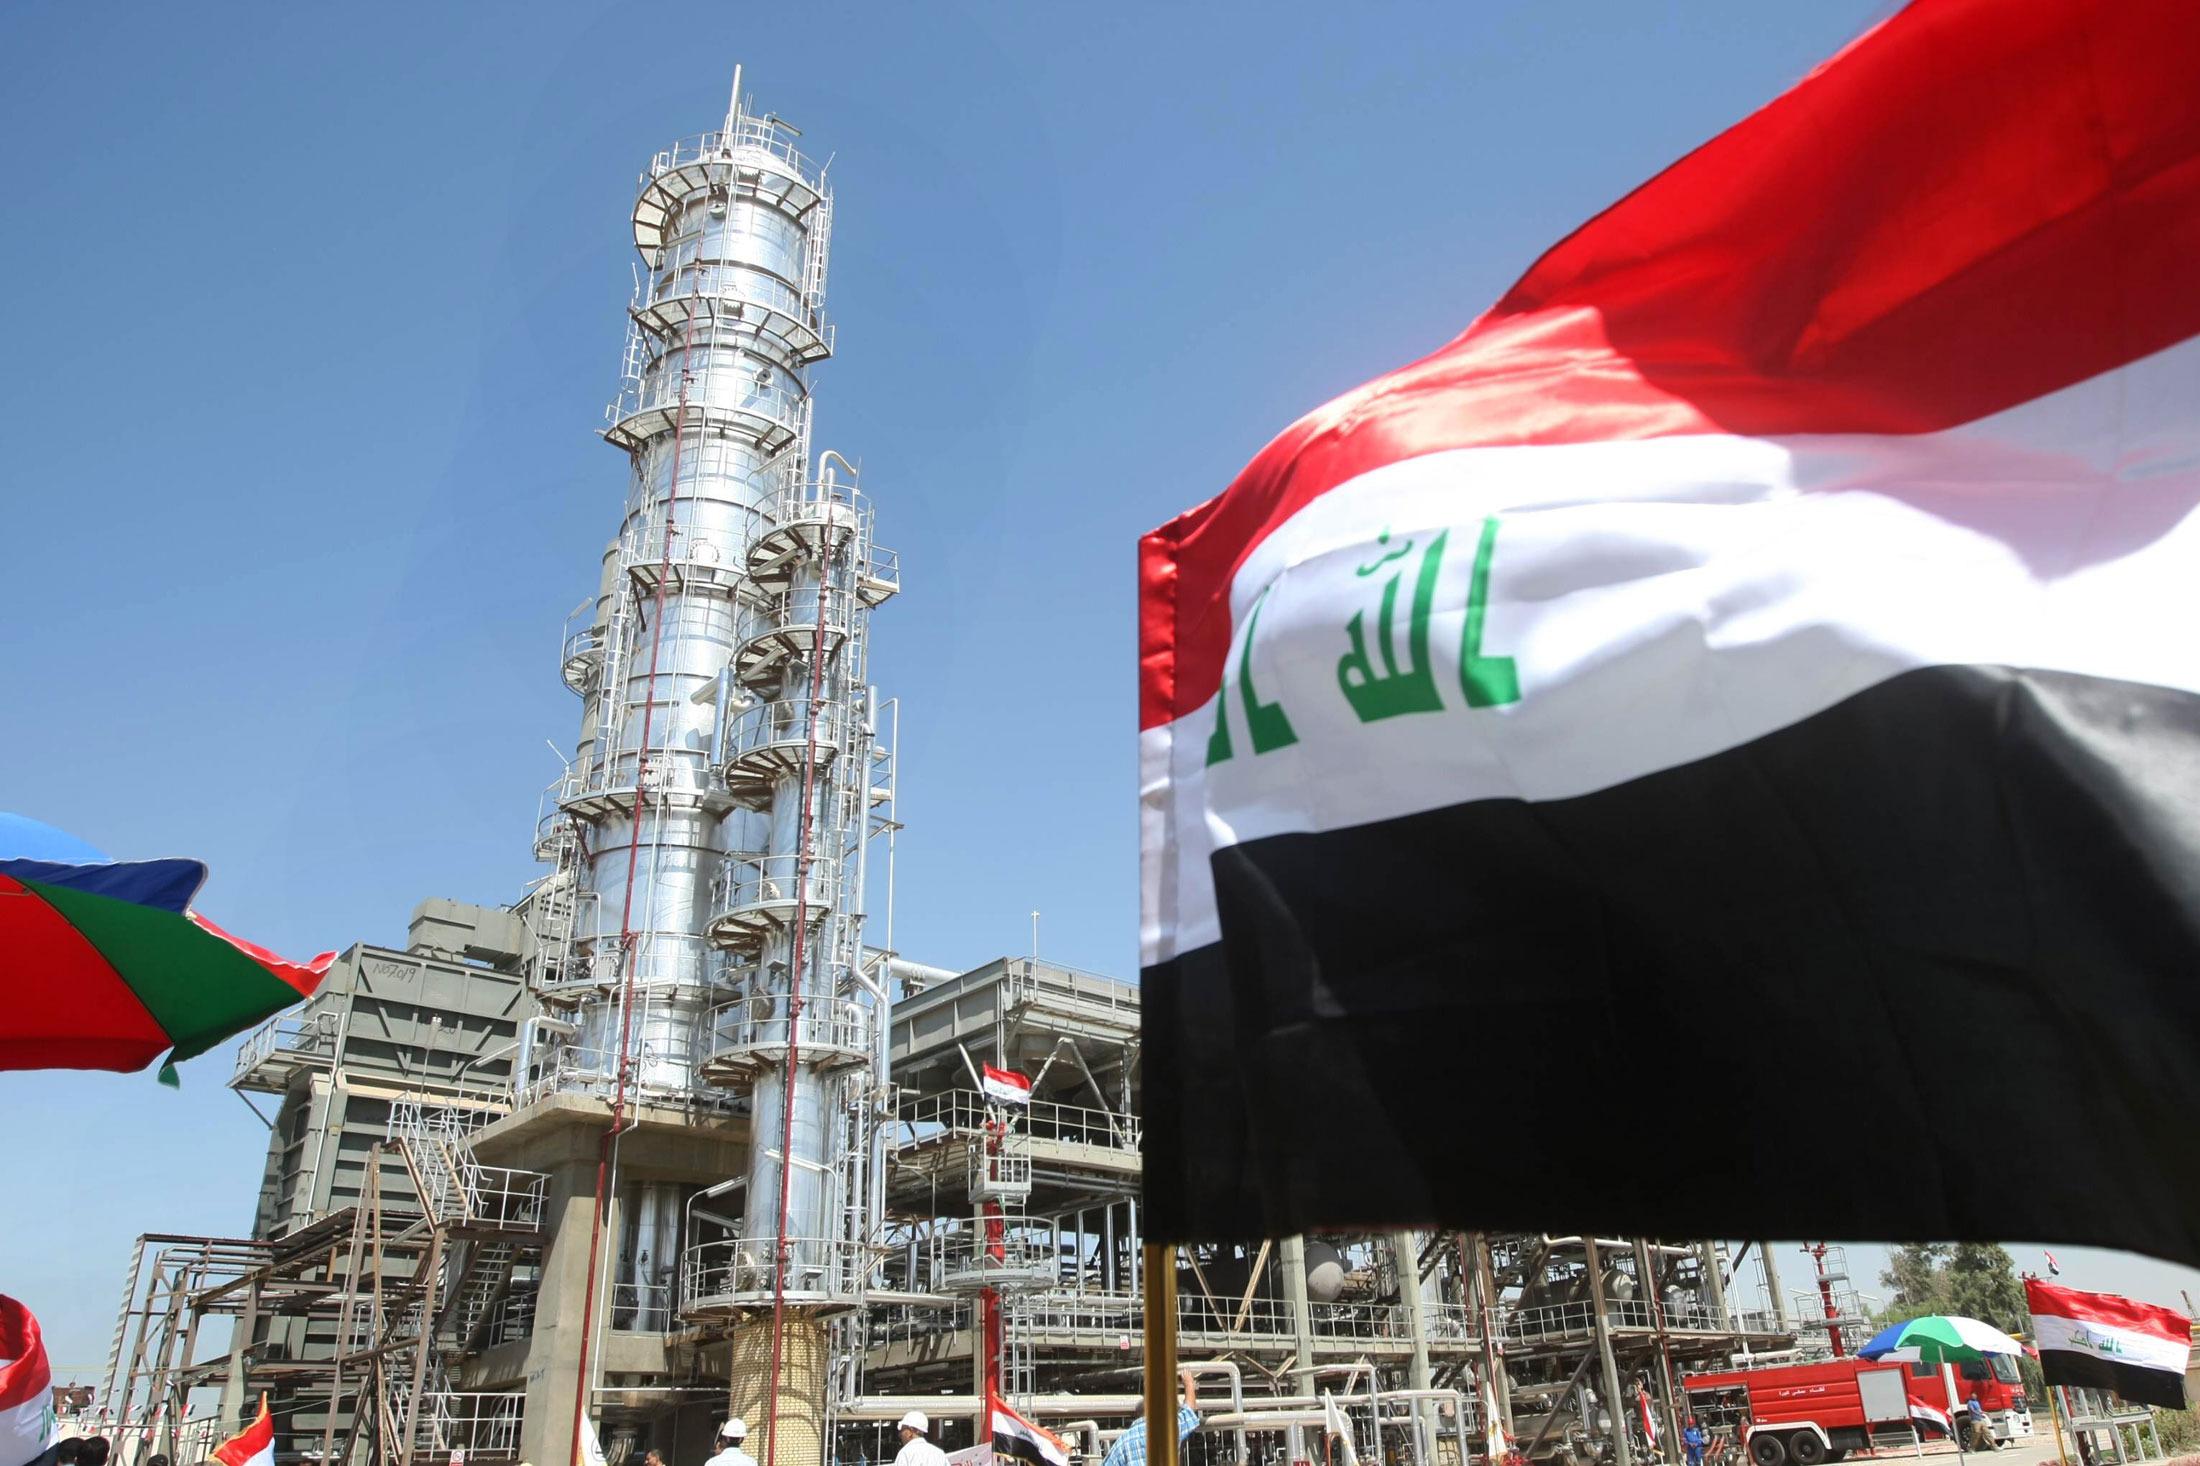 عراق: بغداد بهطور کامل به توافق اوپک پلاس پایبند است